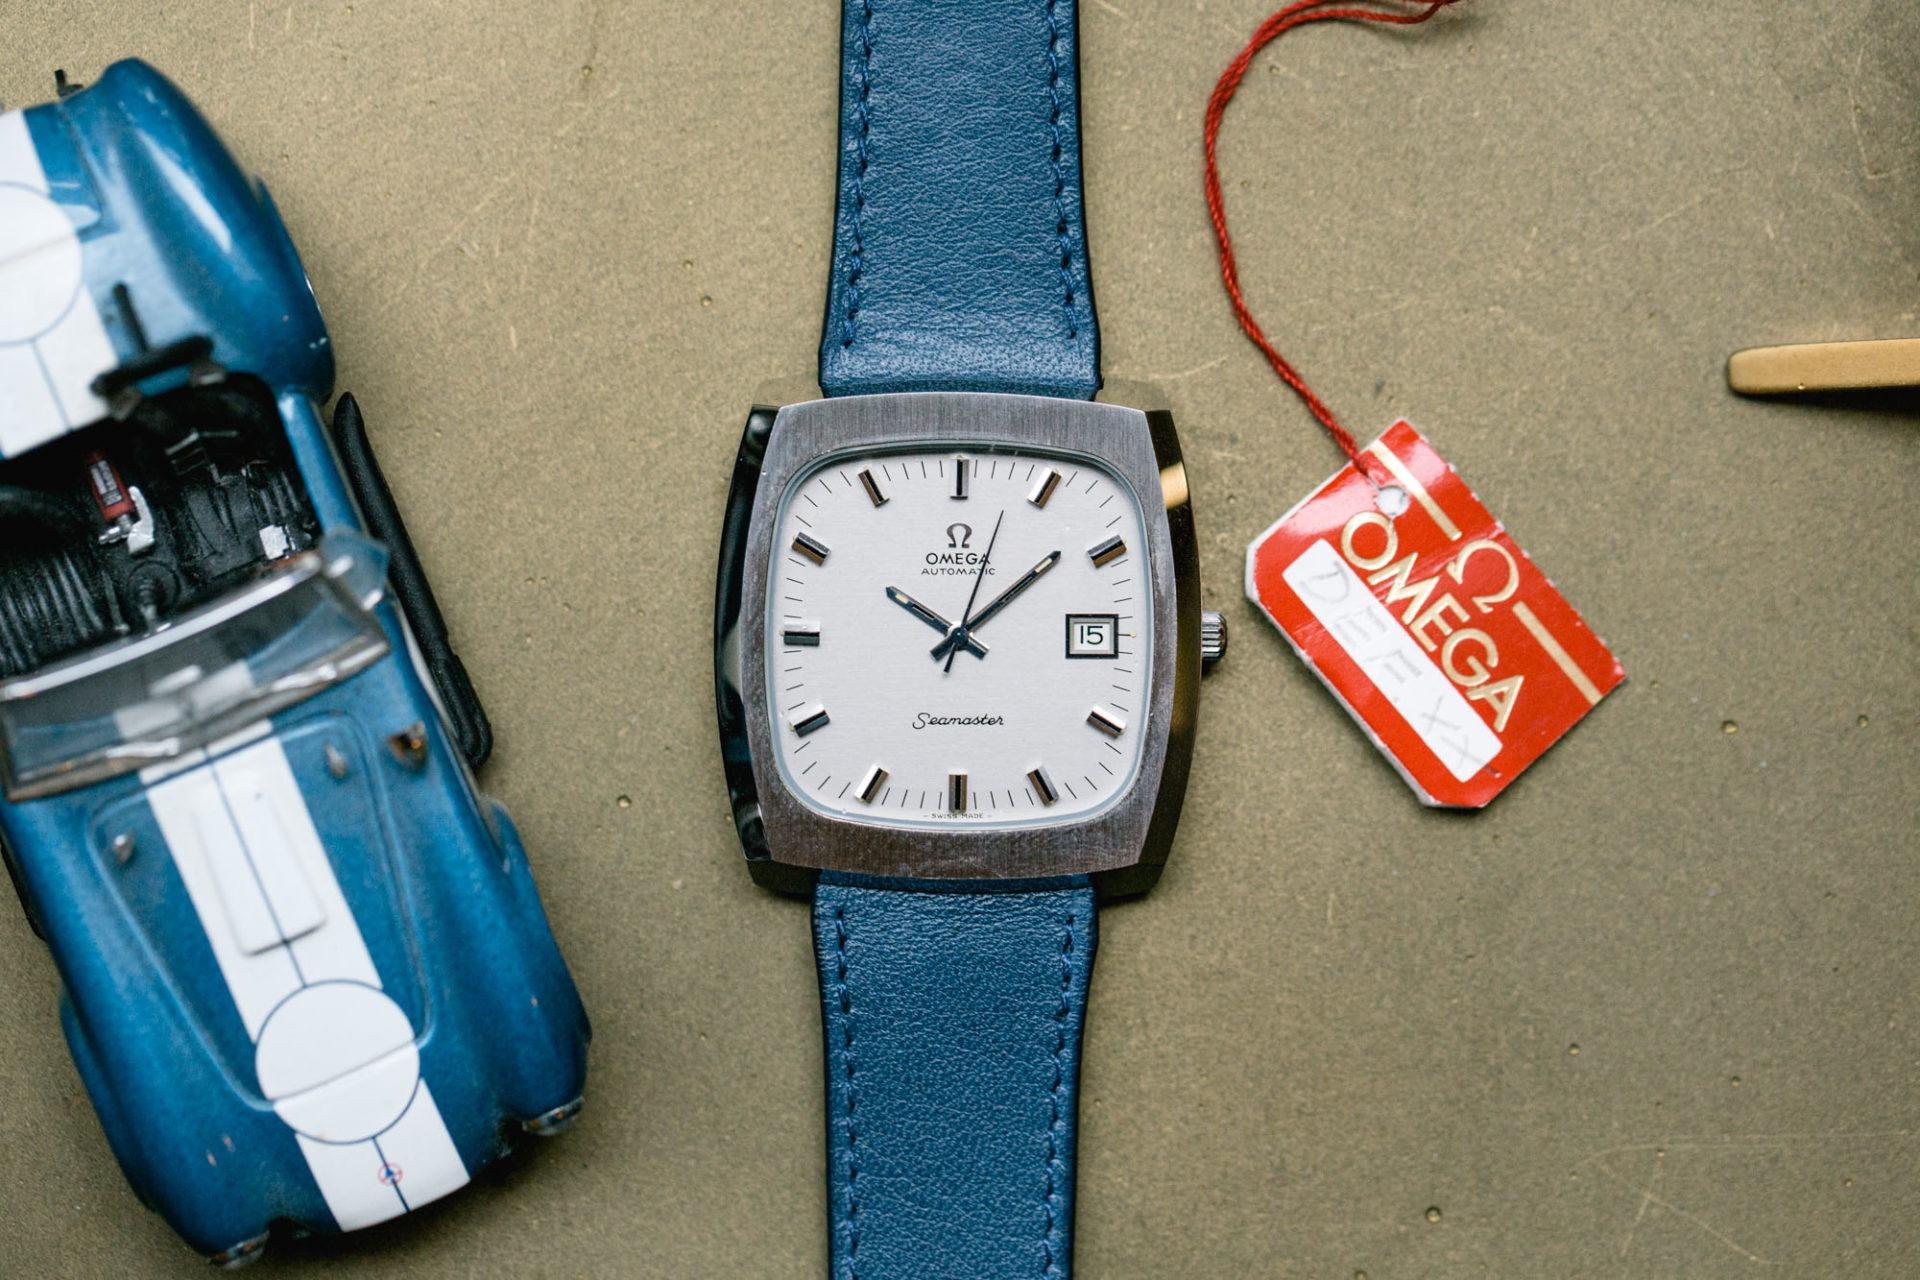 Omega Seamaster TV NOS ref. 166.0138 - Sélection de montres vintage chez Joseph Bonnie